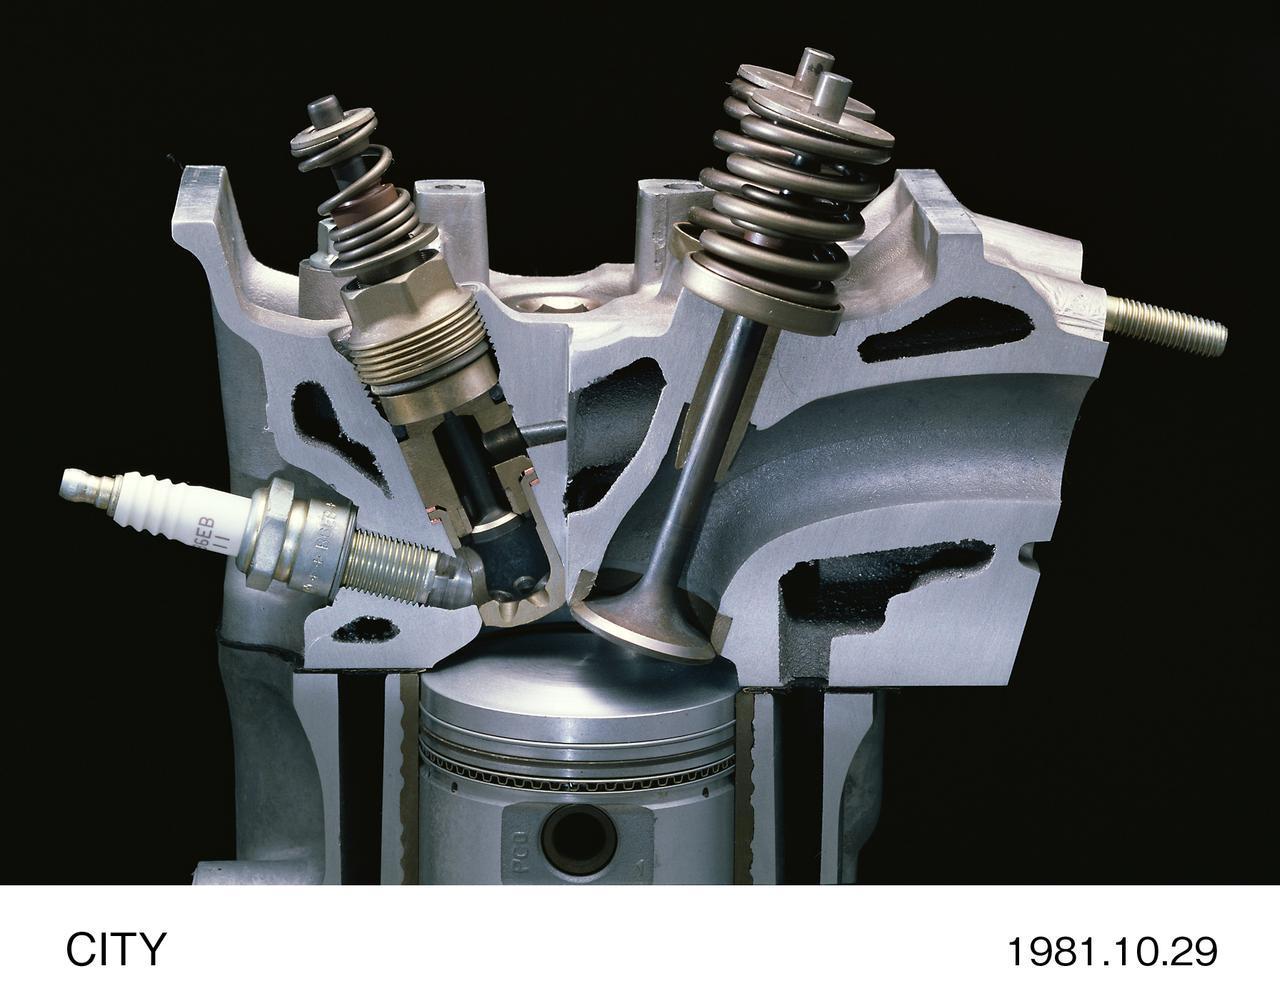 画像6: ホンダ製エンジンの肝はボア×ストロークにある【ホンダ偏愛主義vol.48】